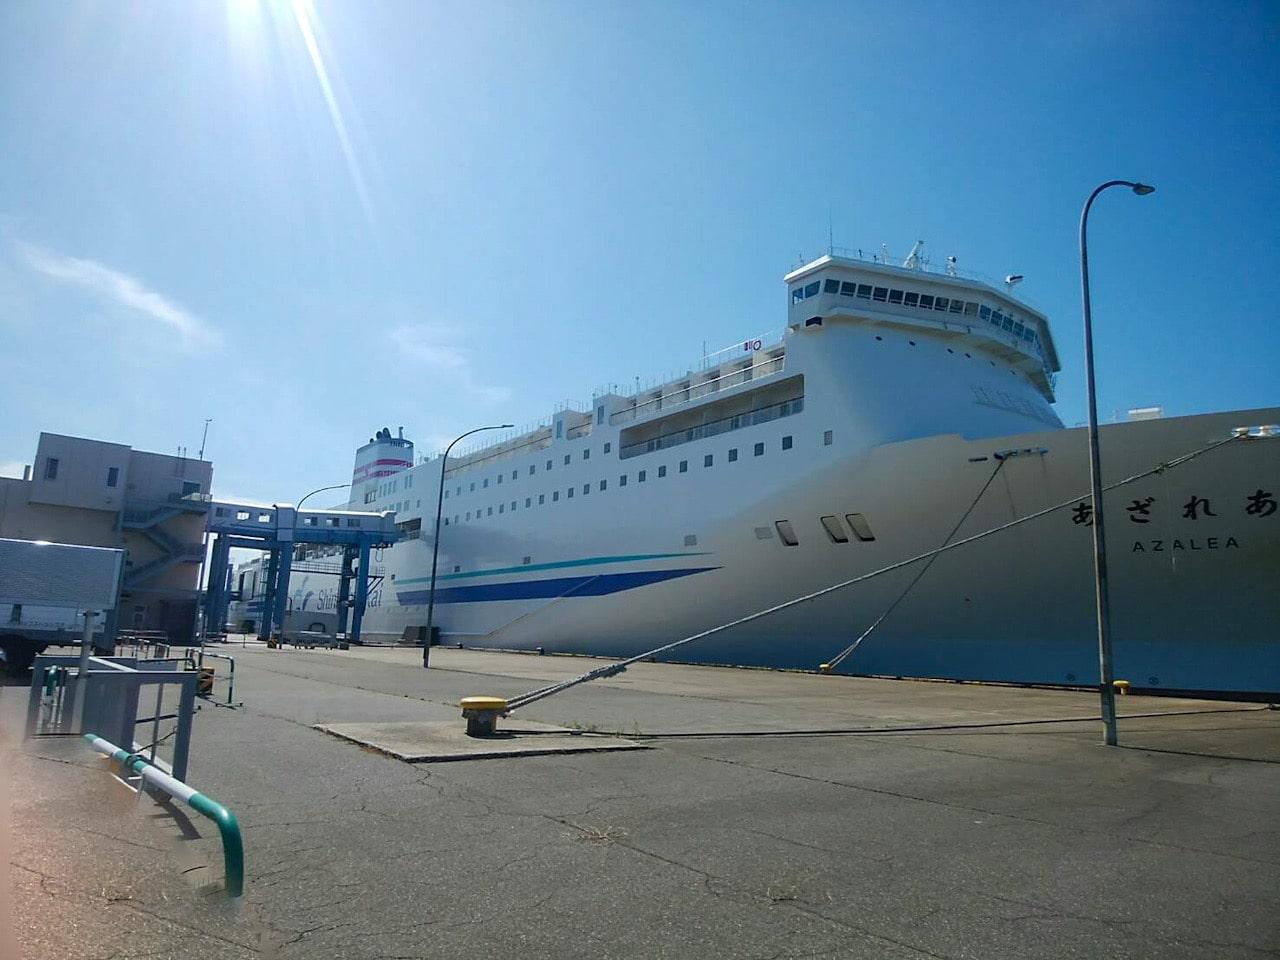 GoTo適用長距離フェリー 今行けるミニクルーズ旅行体験記